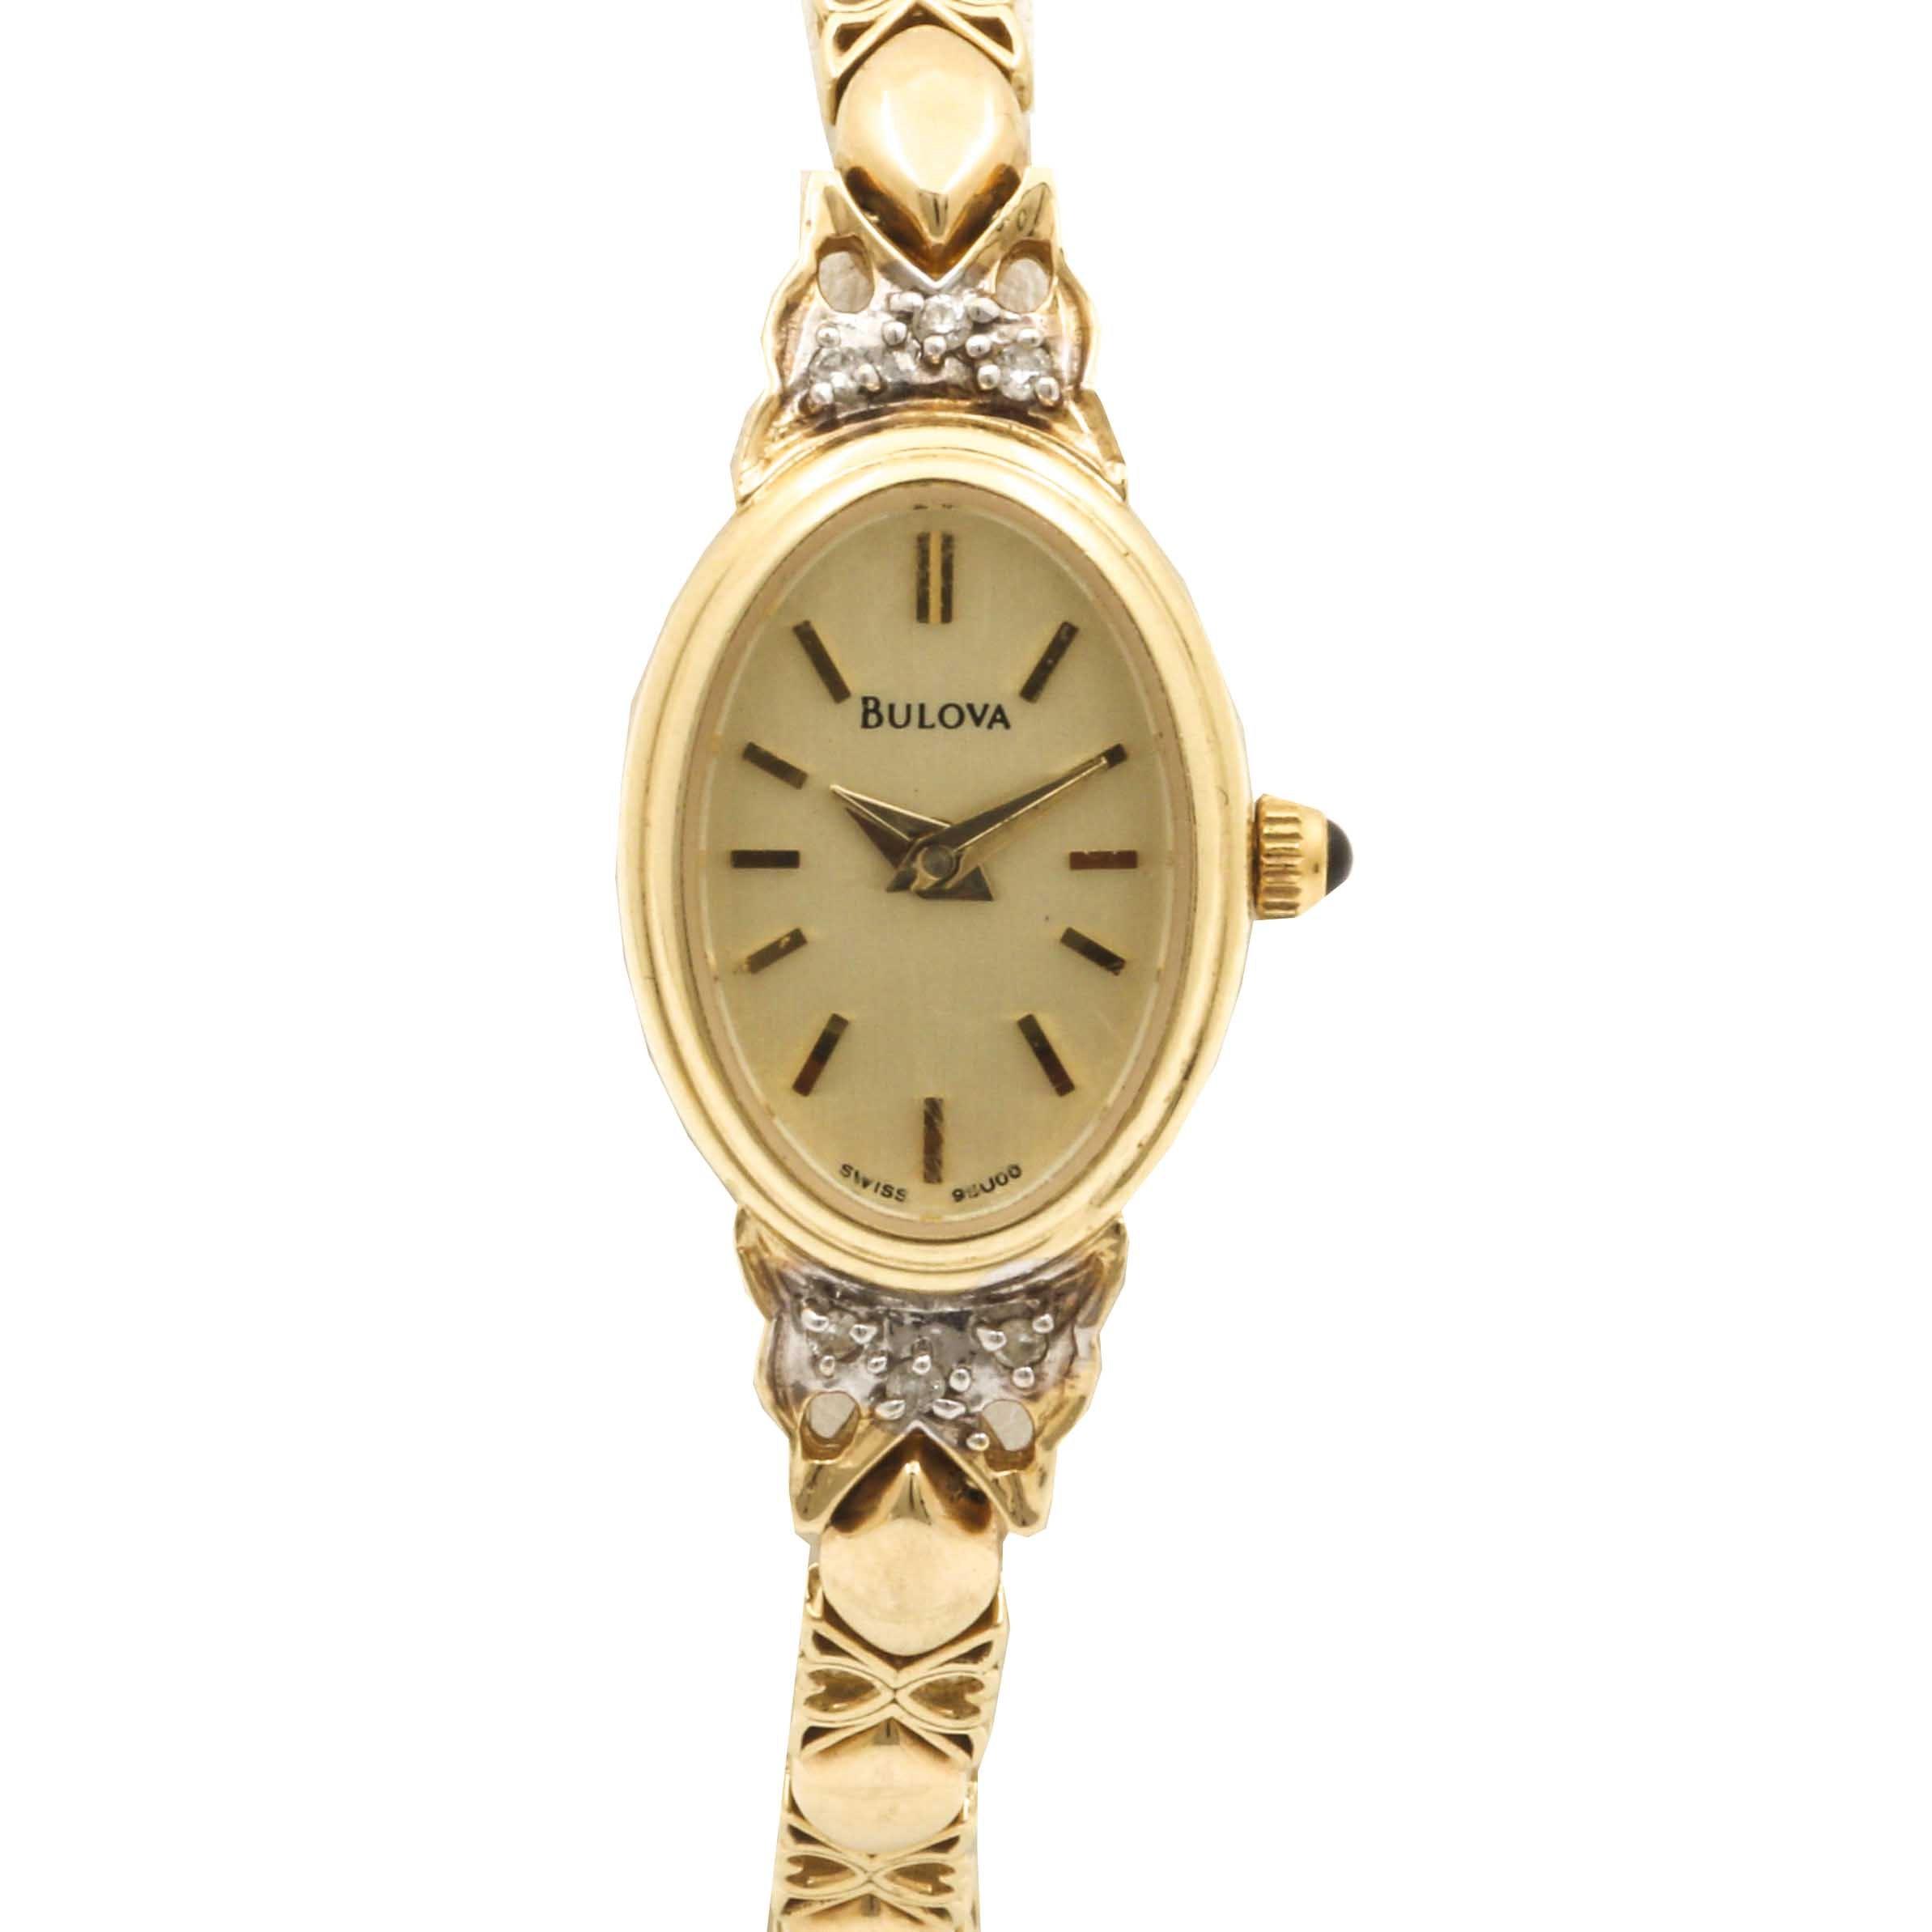 Bulova 14K Yellow Gold Diamond Wristwatch